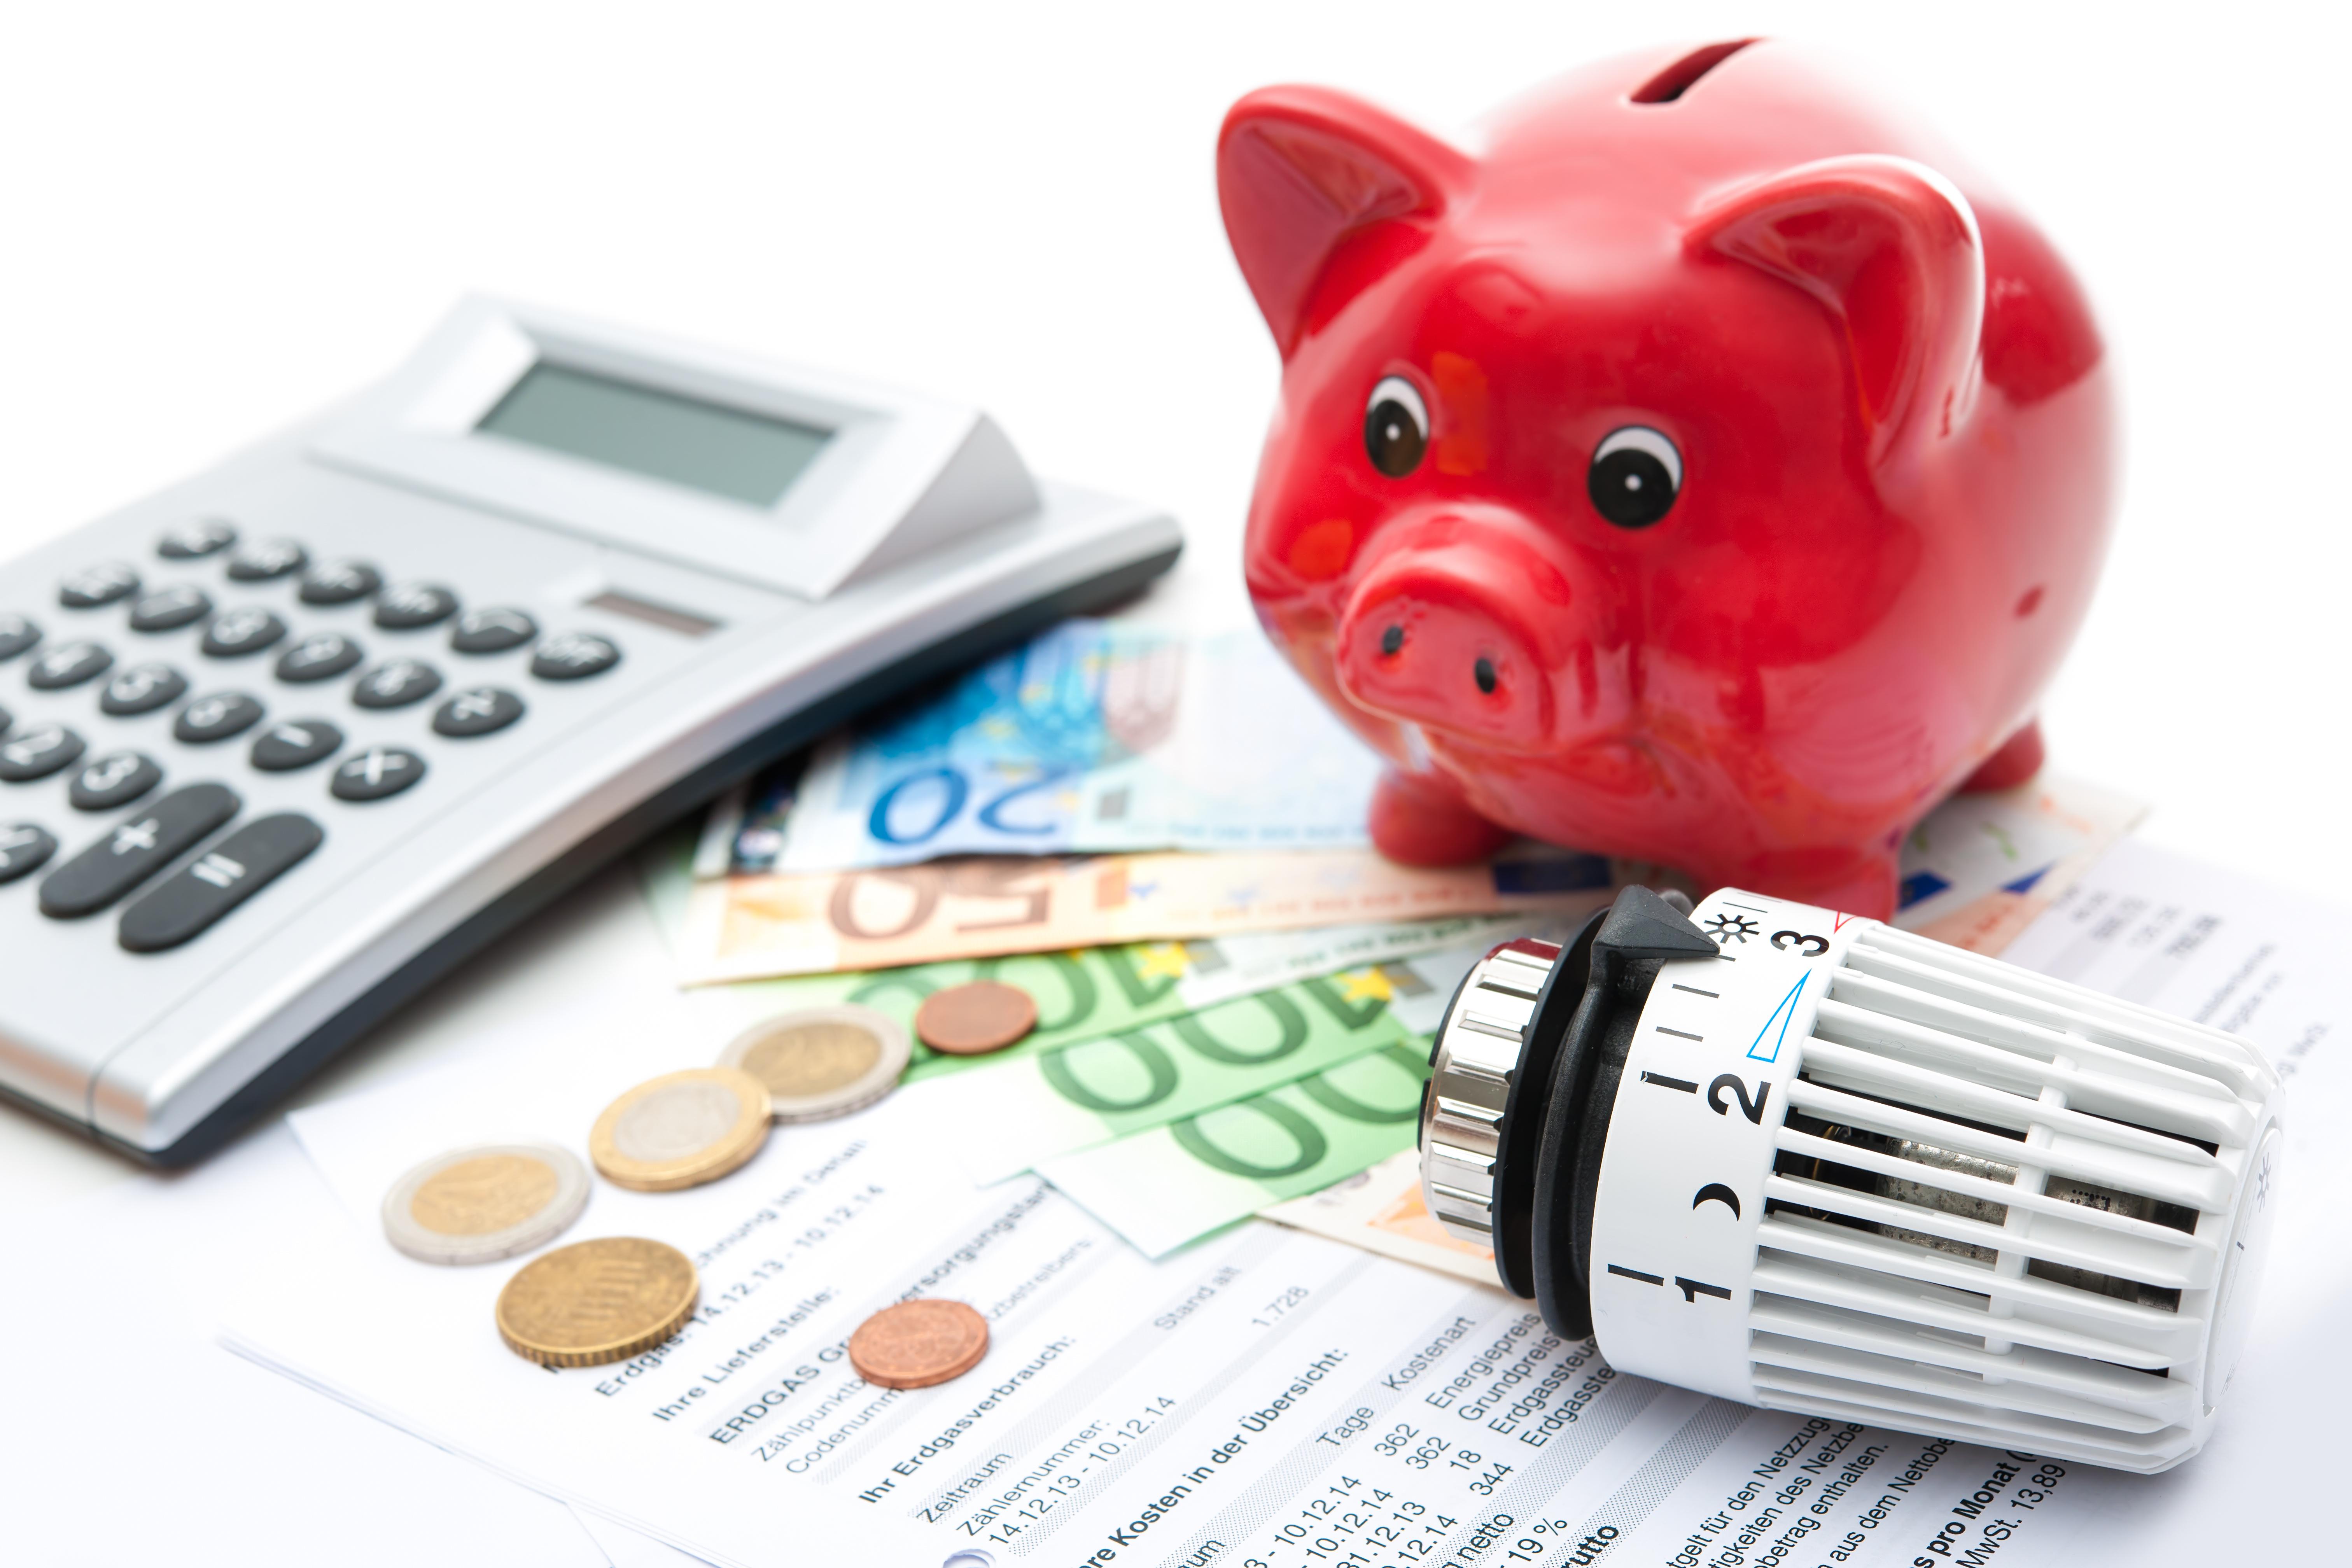 Geld, Taschenrechnern Sparschein, Thermostat und Betriebskostenabrechnungen